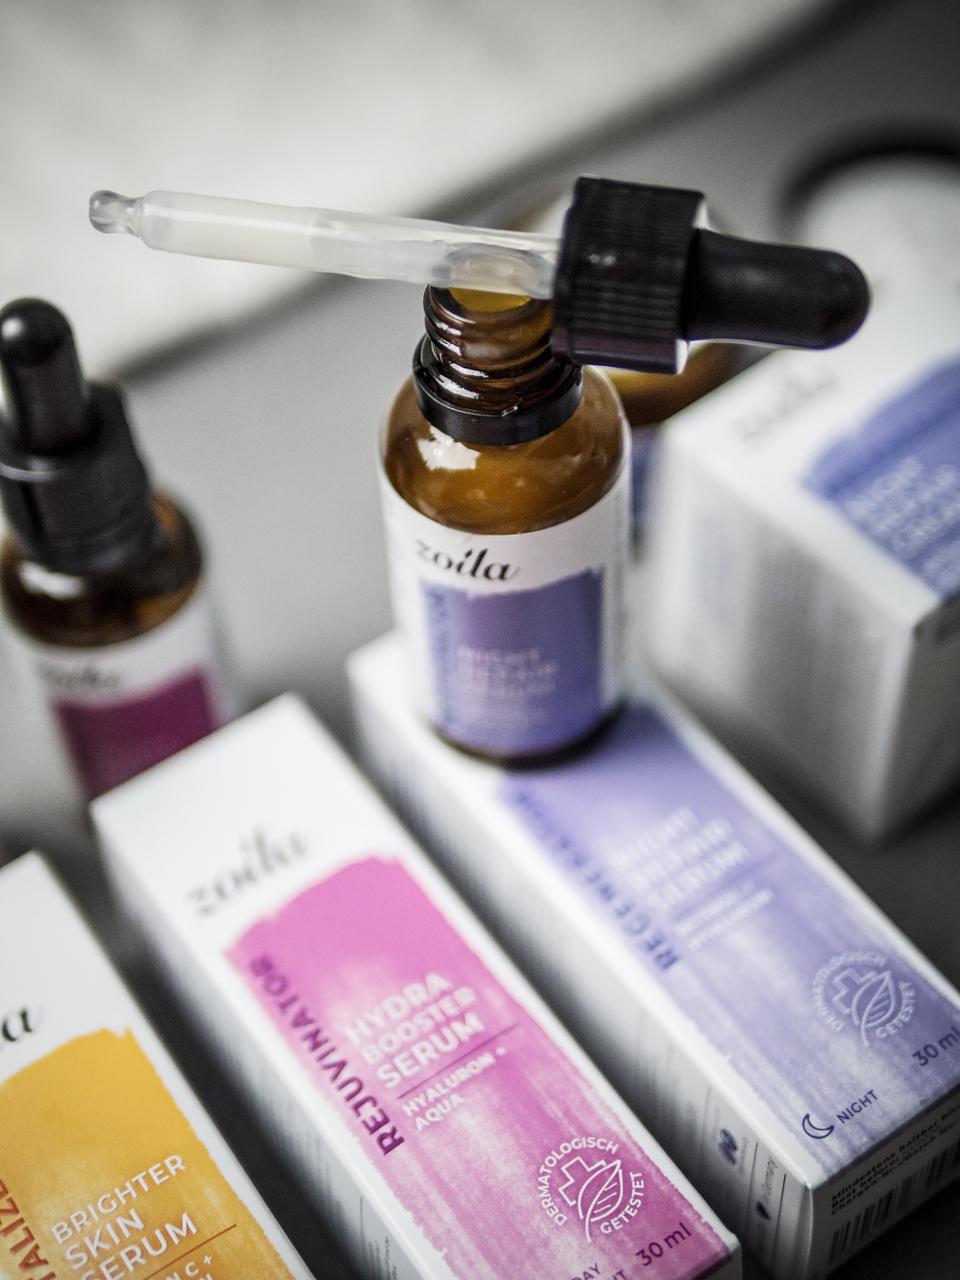 zoila Wirkstoffkosmetik, Wirkstoffkosmetik im Test, Gesichtspflege, Skincare, Pflegeroutine, Pflege, Haut, Gesichtspflege mit Vitamin C, Gesichtspflege mit Retinol, Gesichtspflege mit Hyaluron, Gesichtspflege für alle Hauttypen